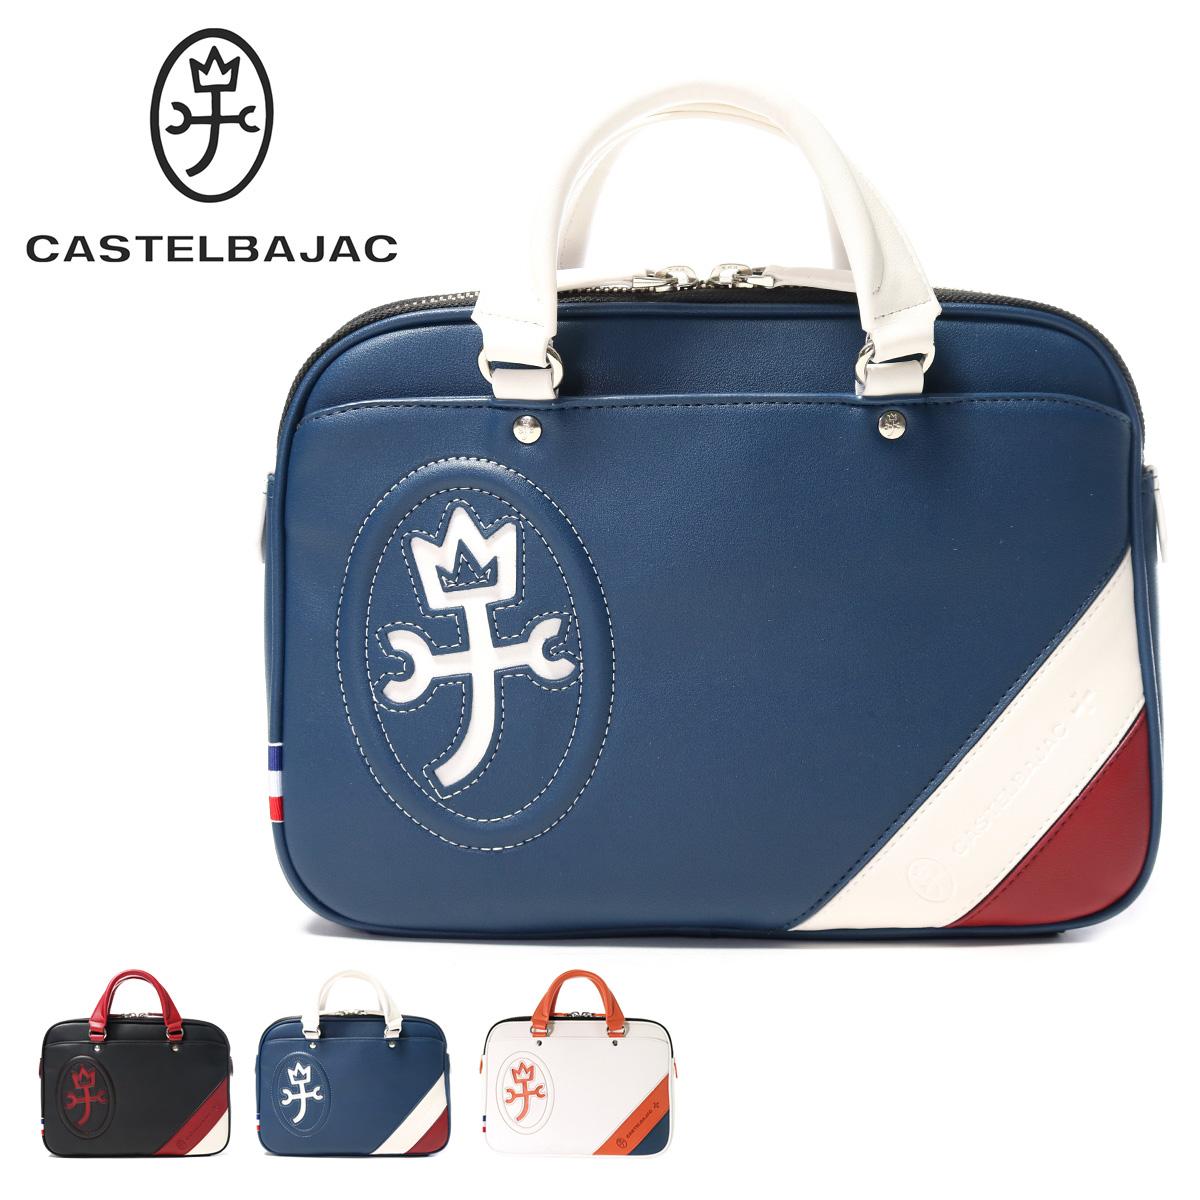 カステルバジャック ブリーフケース メンズ ユゴー 047511 | CASTELBAJAC ミニブリーフ ハンドバッグ【PO10】